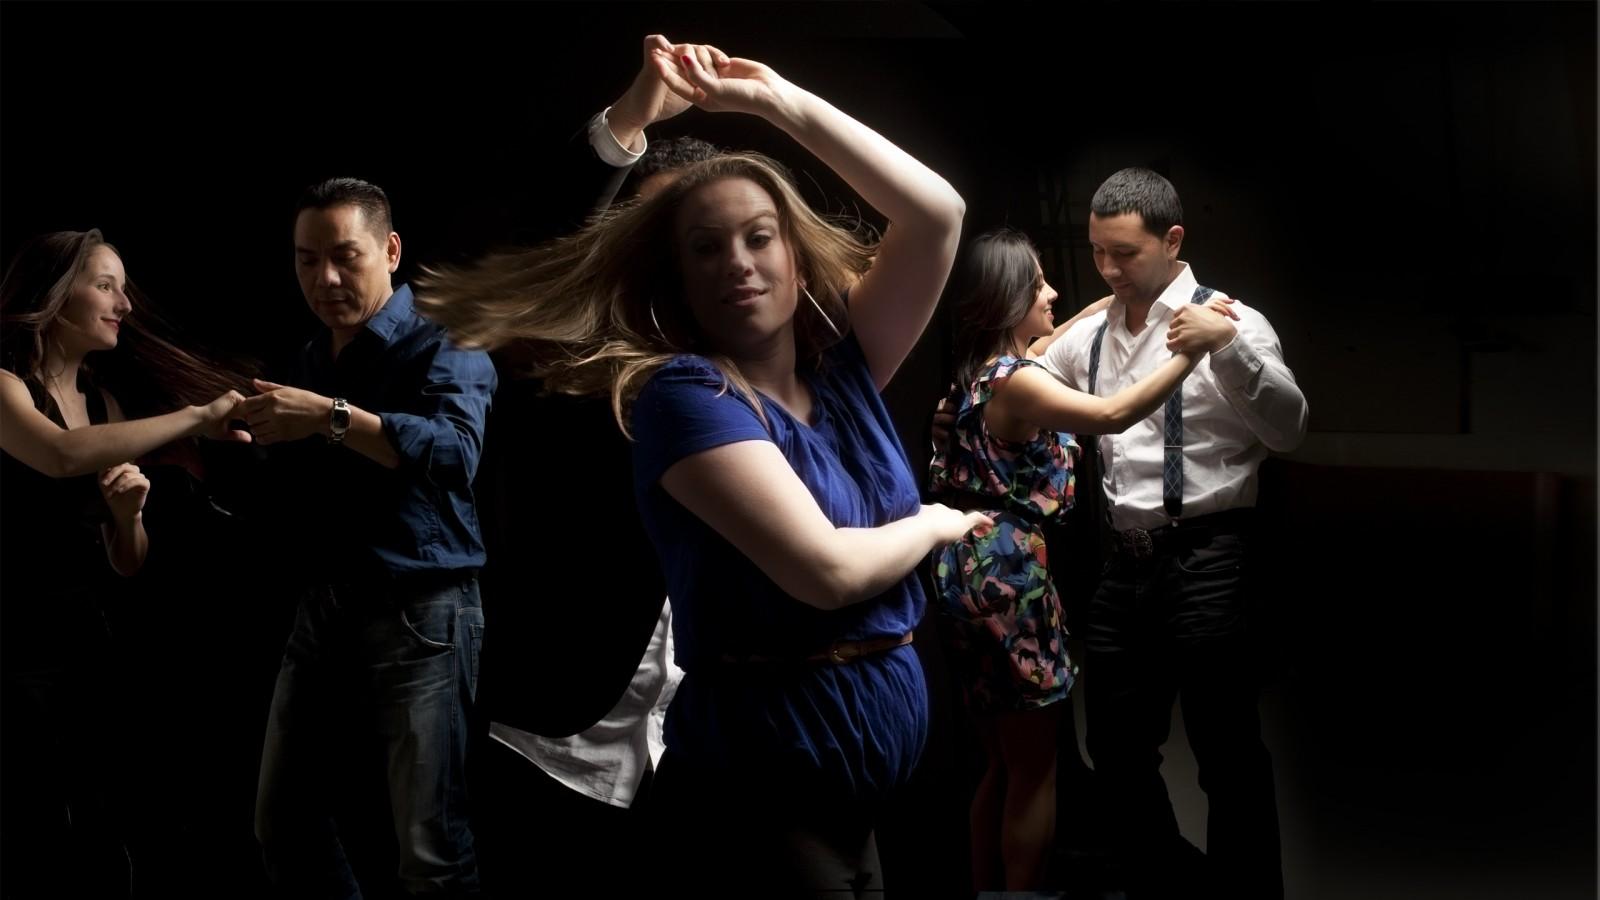 Wallpaper Girl Dance